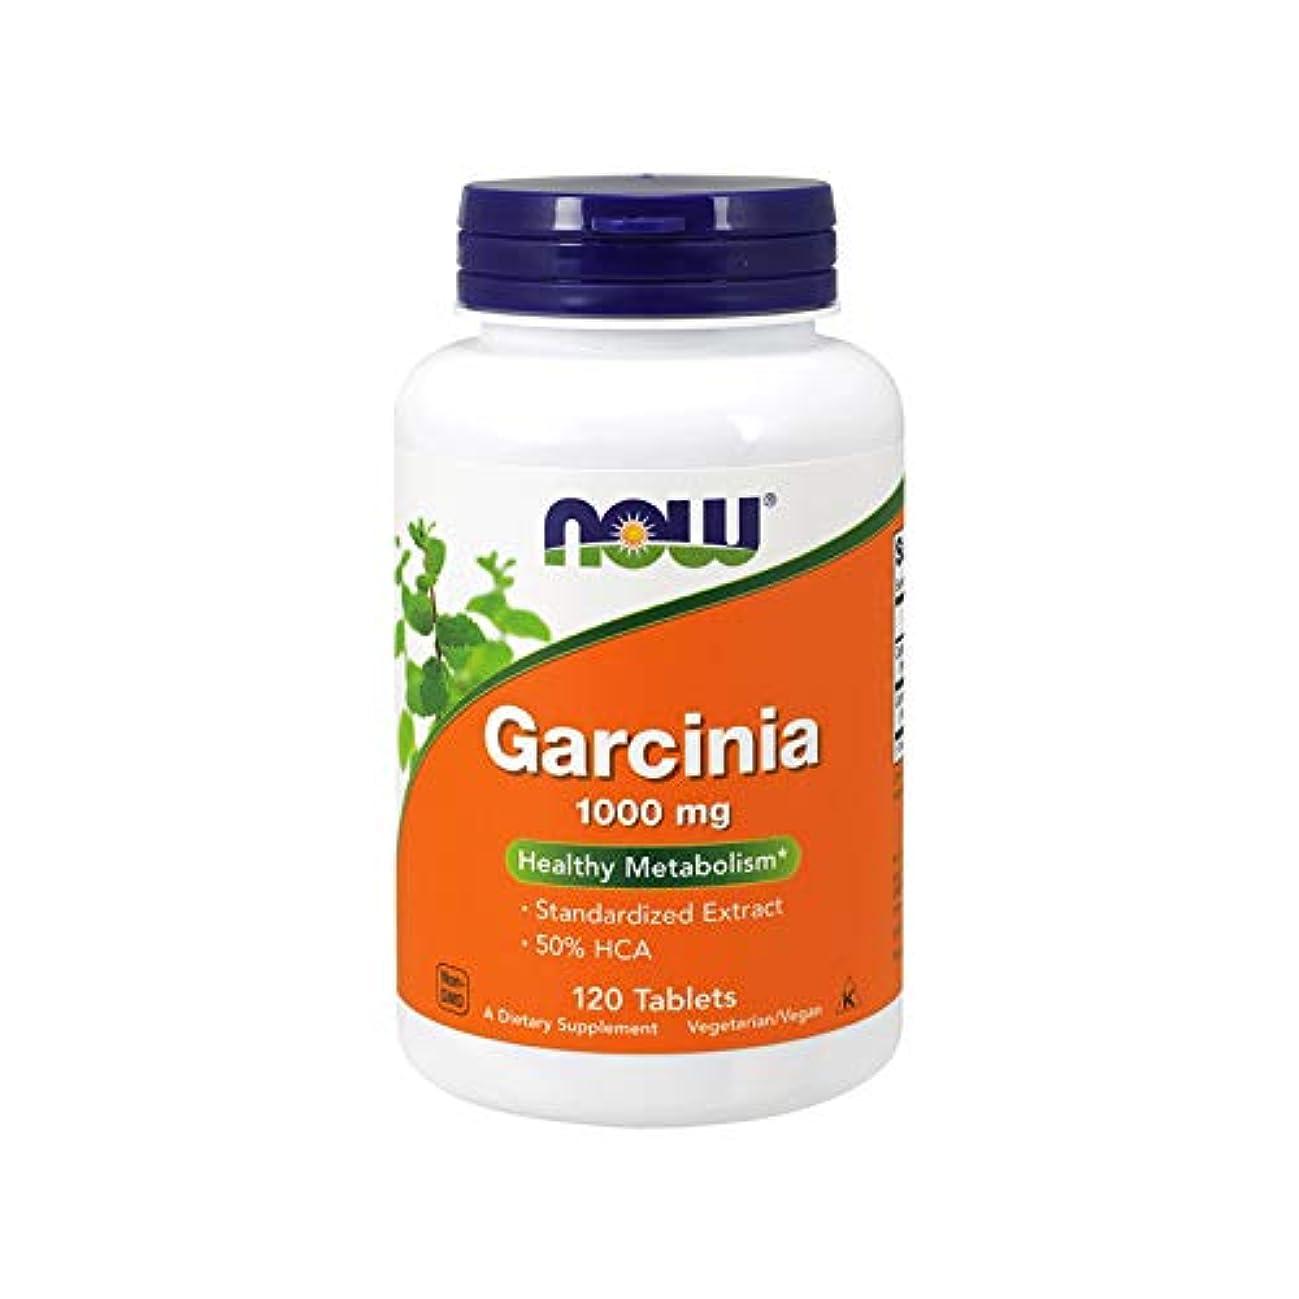 次災難理想的には[海外直送品] ナウフーズ  - Garciniaの健康な新陳代謝 1000 mg。120錠剤